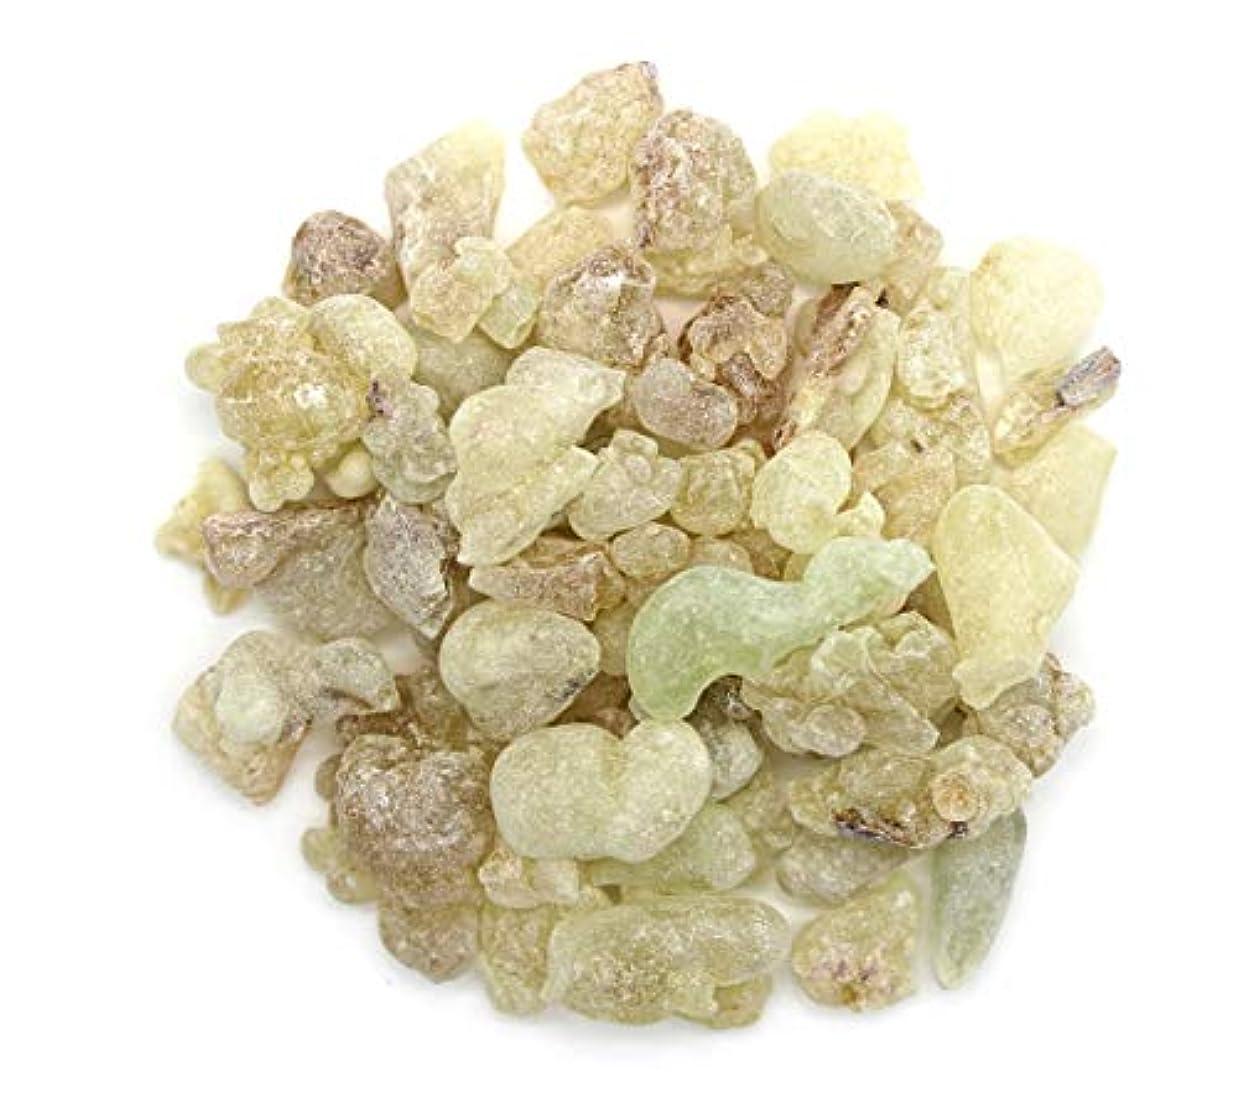 憲法ゴールド残酷なHygge Aromatics ロイヤルグリーン ホジャリ フランキンセンス - オーガニック - オマン (Boswellia Sacra) 1/2ポンド